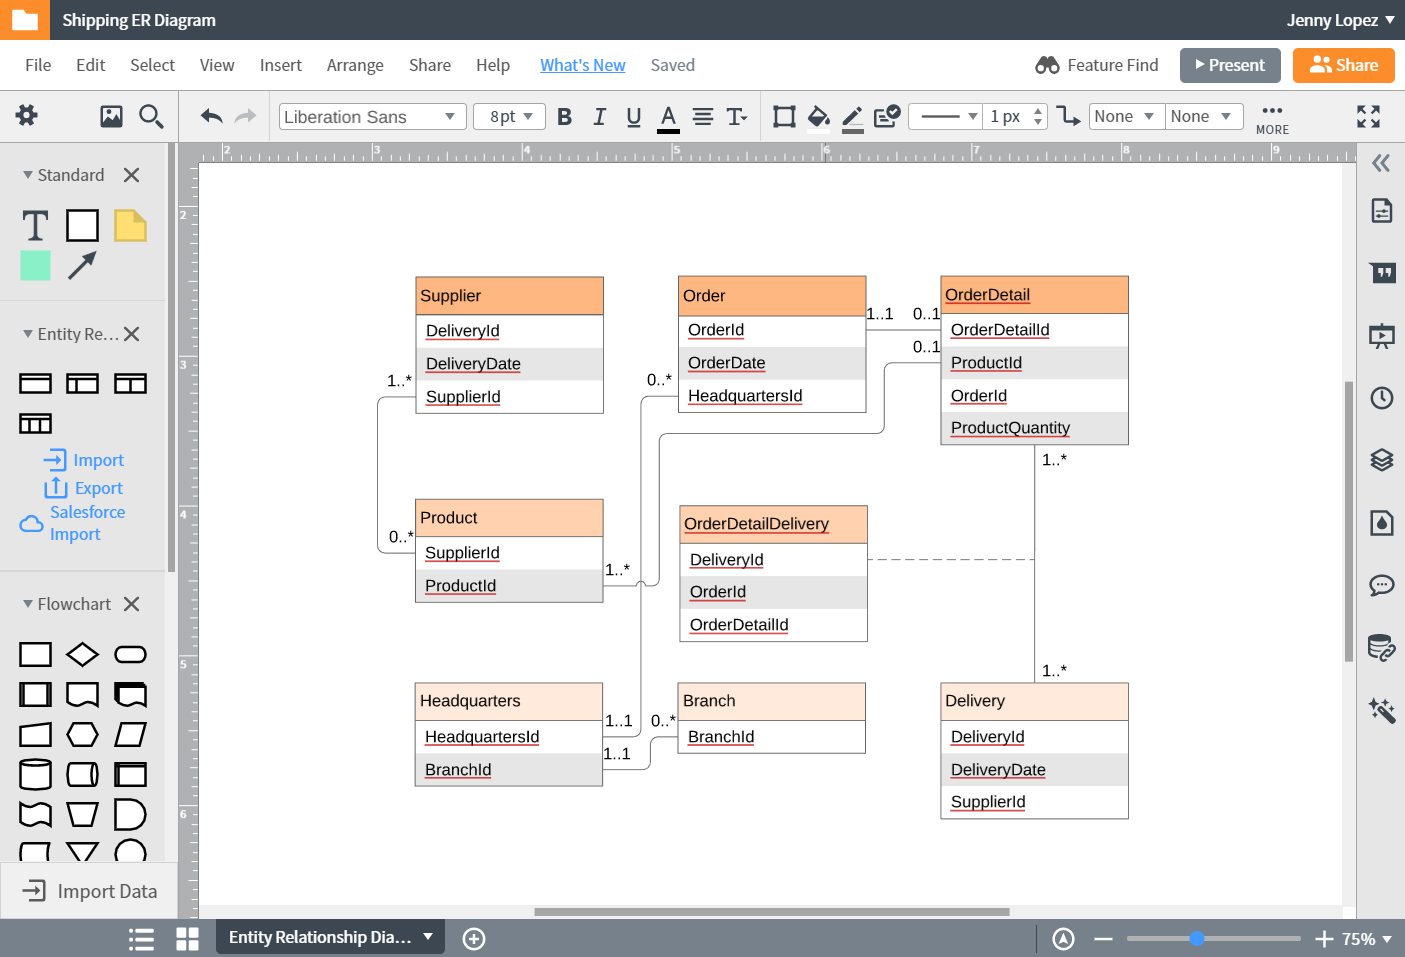 Er Diagram (Erd) Tool | Lucidchart for Entity Relationship Diagram Maker